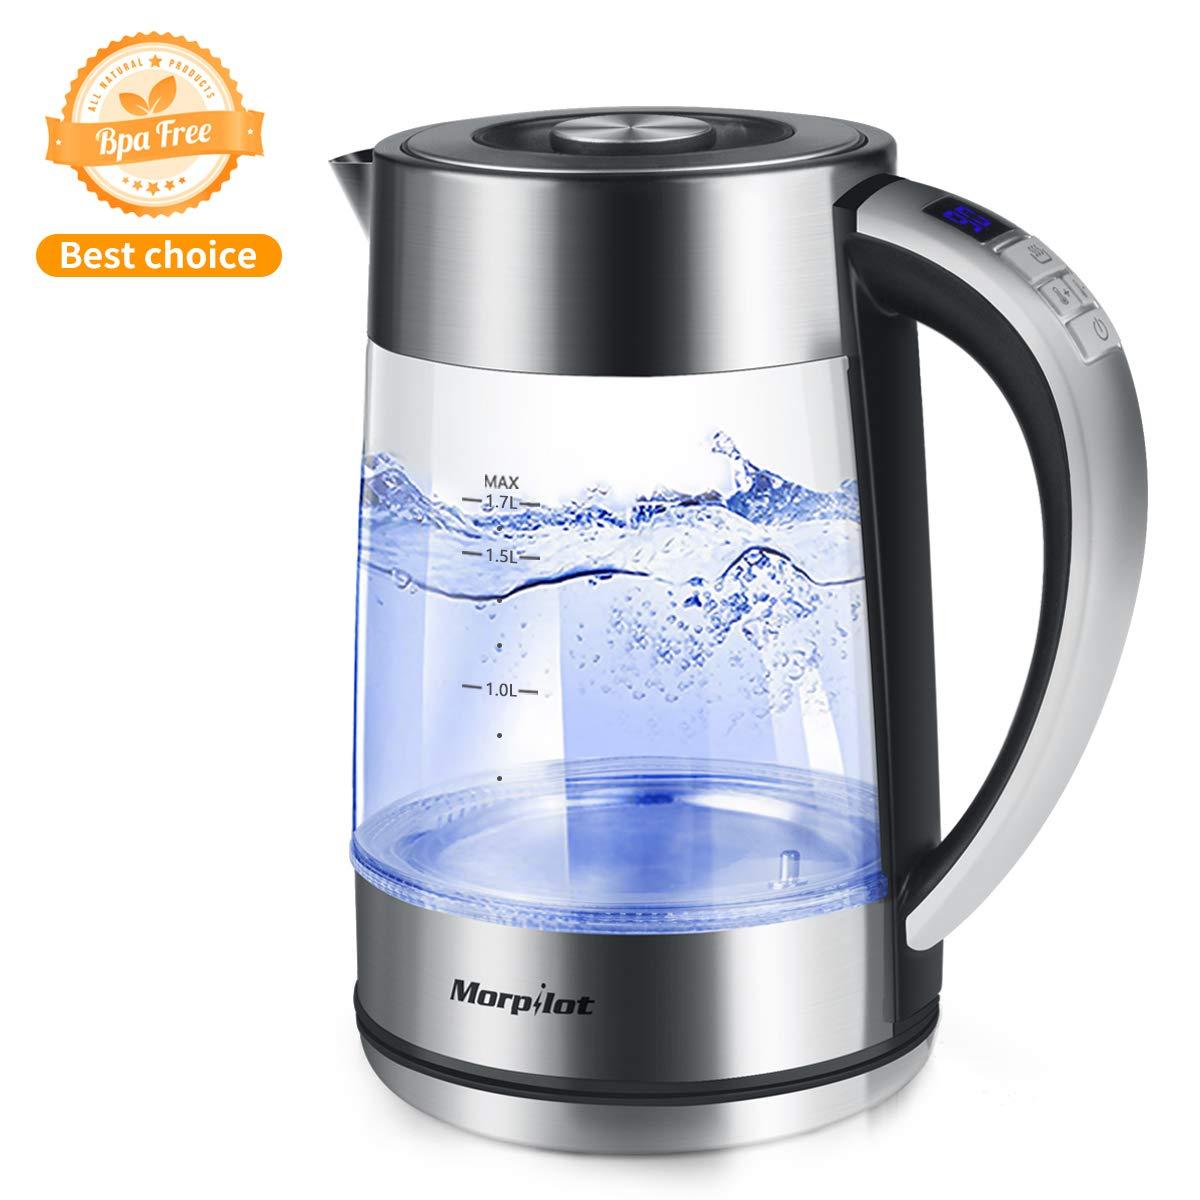 Morpilot-Wasserkocher-aus-Glas-mit-Temperaturanzeige-Warmhaltefunkion-Temperatureinstellung-40-100C-2000W-Schnellkoch-17L-BPA-Frei-LED-Beleuchtung-Automatische-Abschaltung-Trockengehschutz